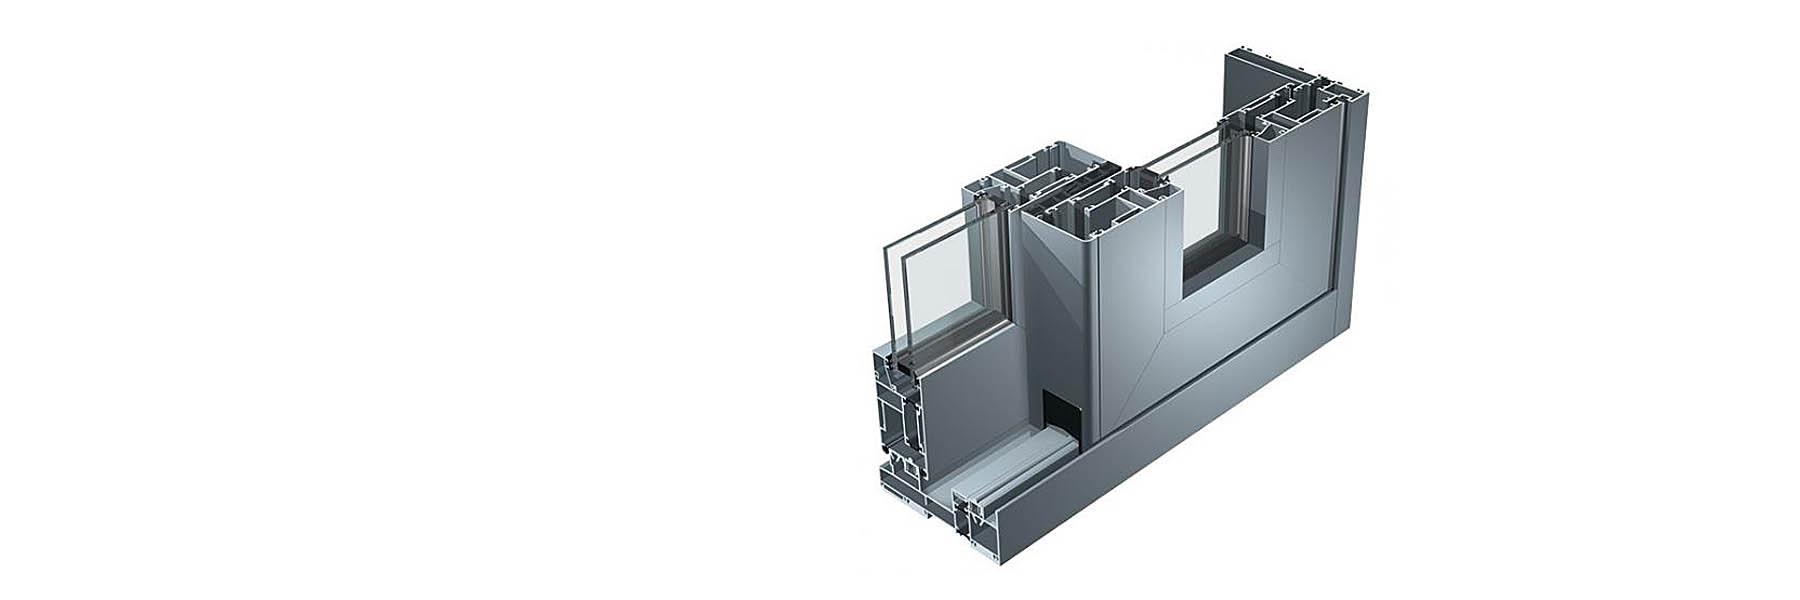 Serramenti-scorrevole-alluminio-legno-aluksc140